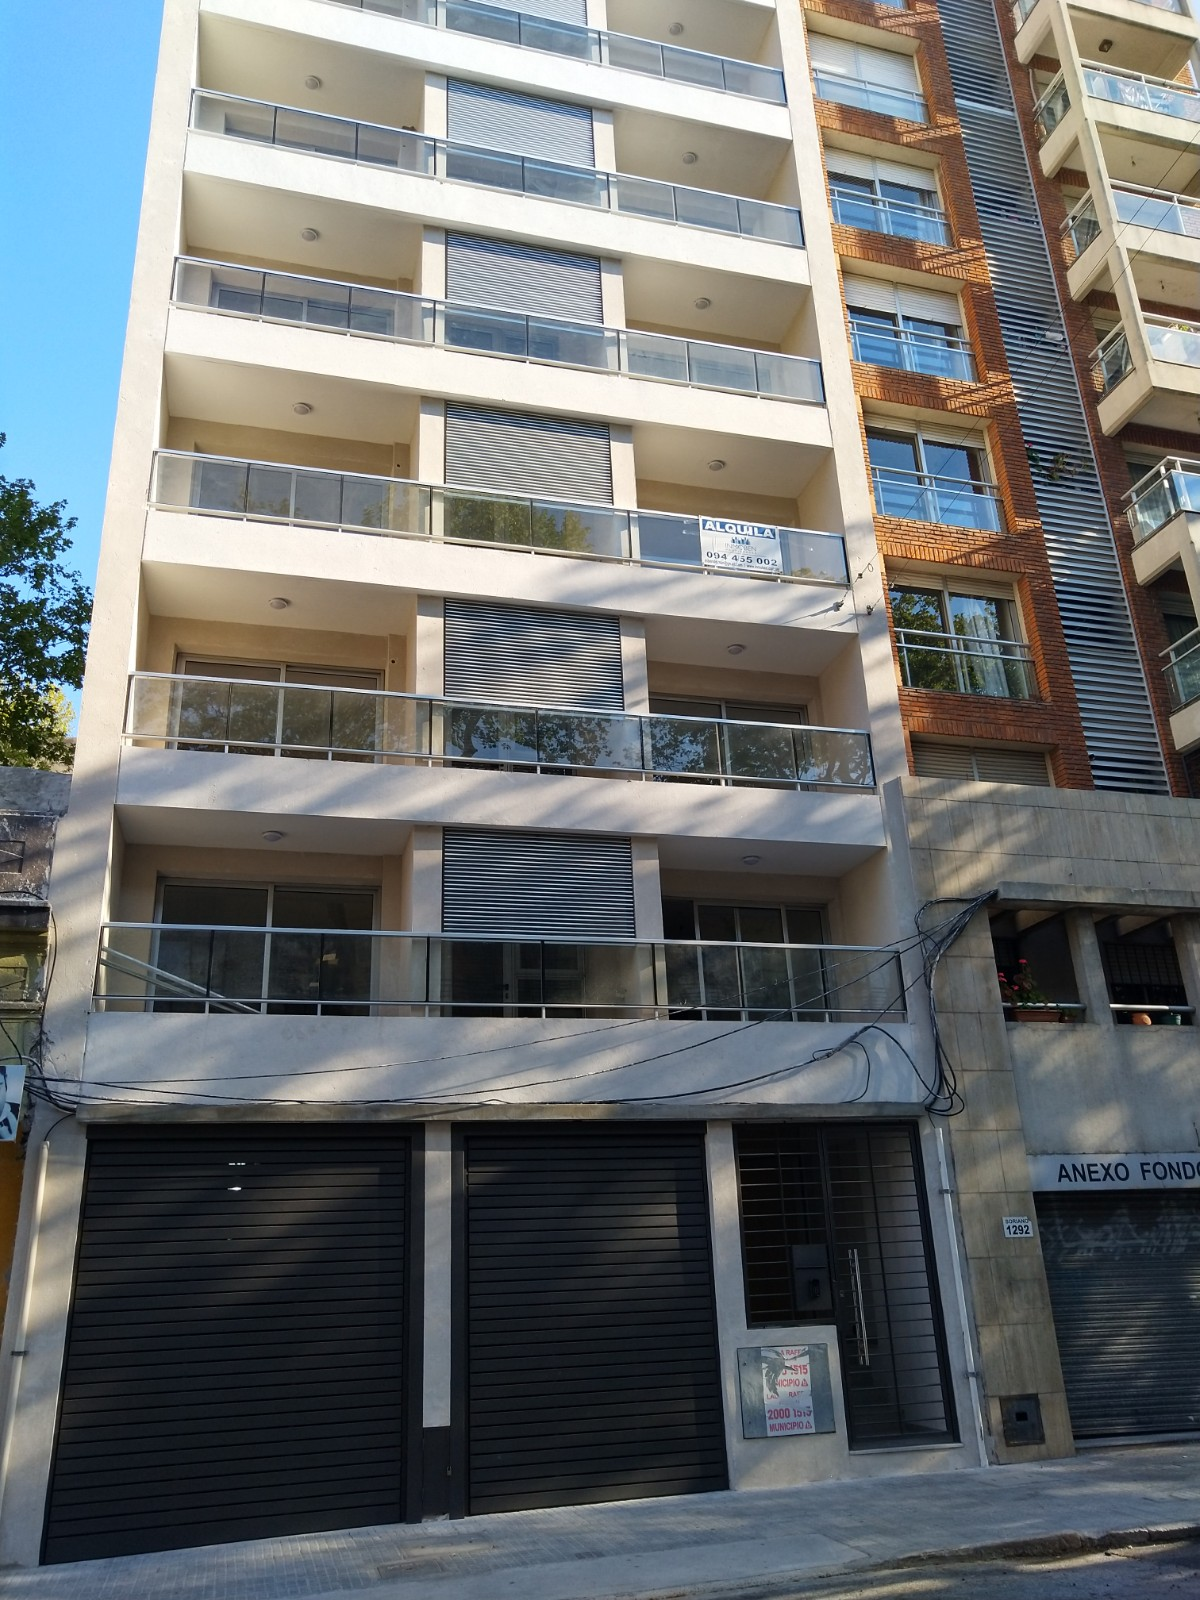 Edificio Soriano Y Aquiles Lanza